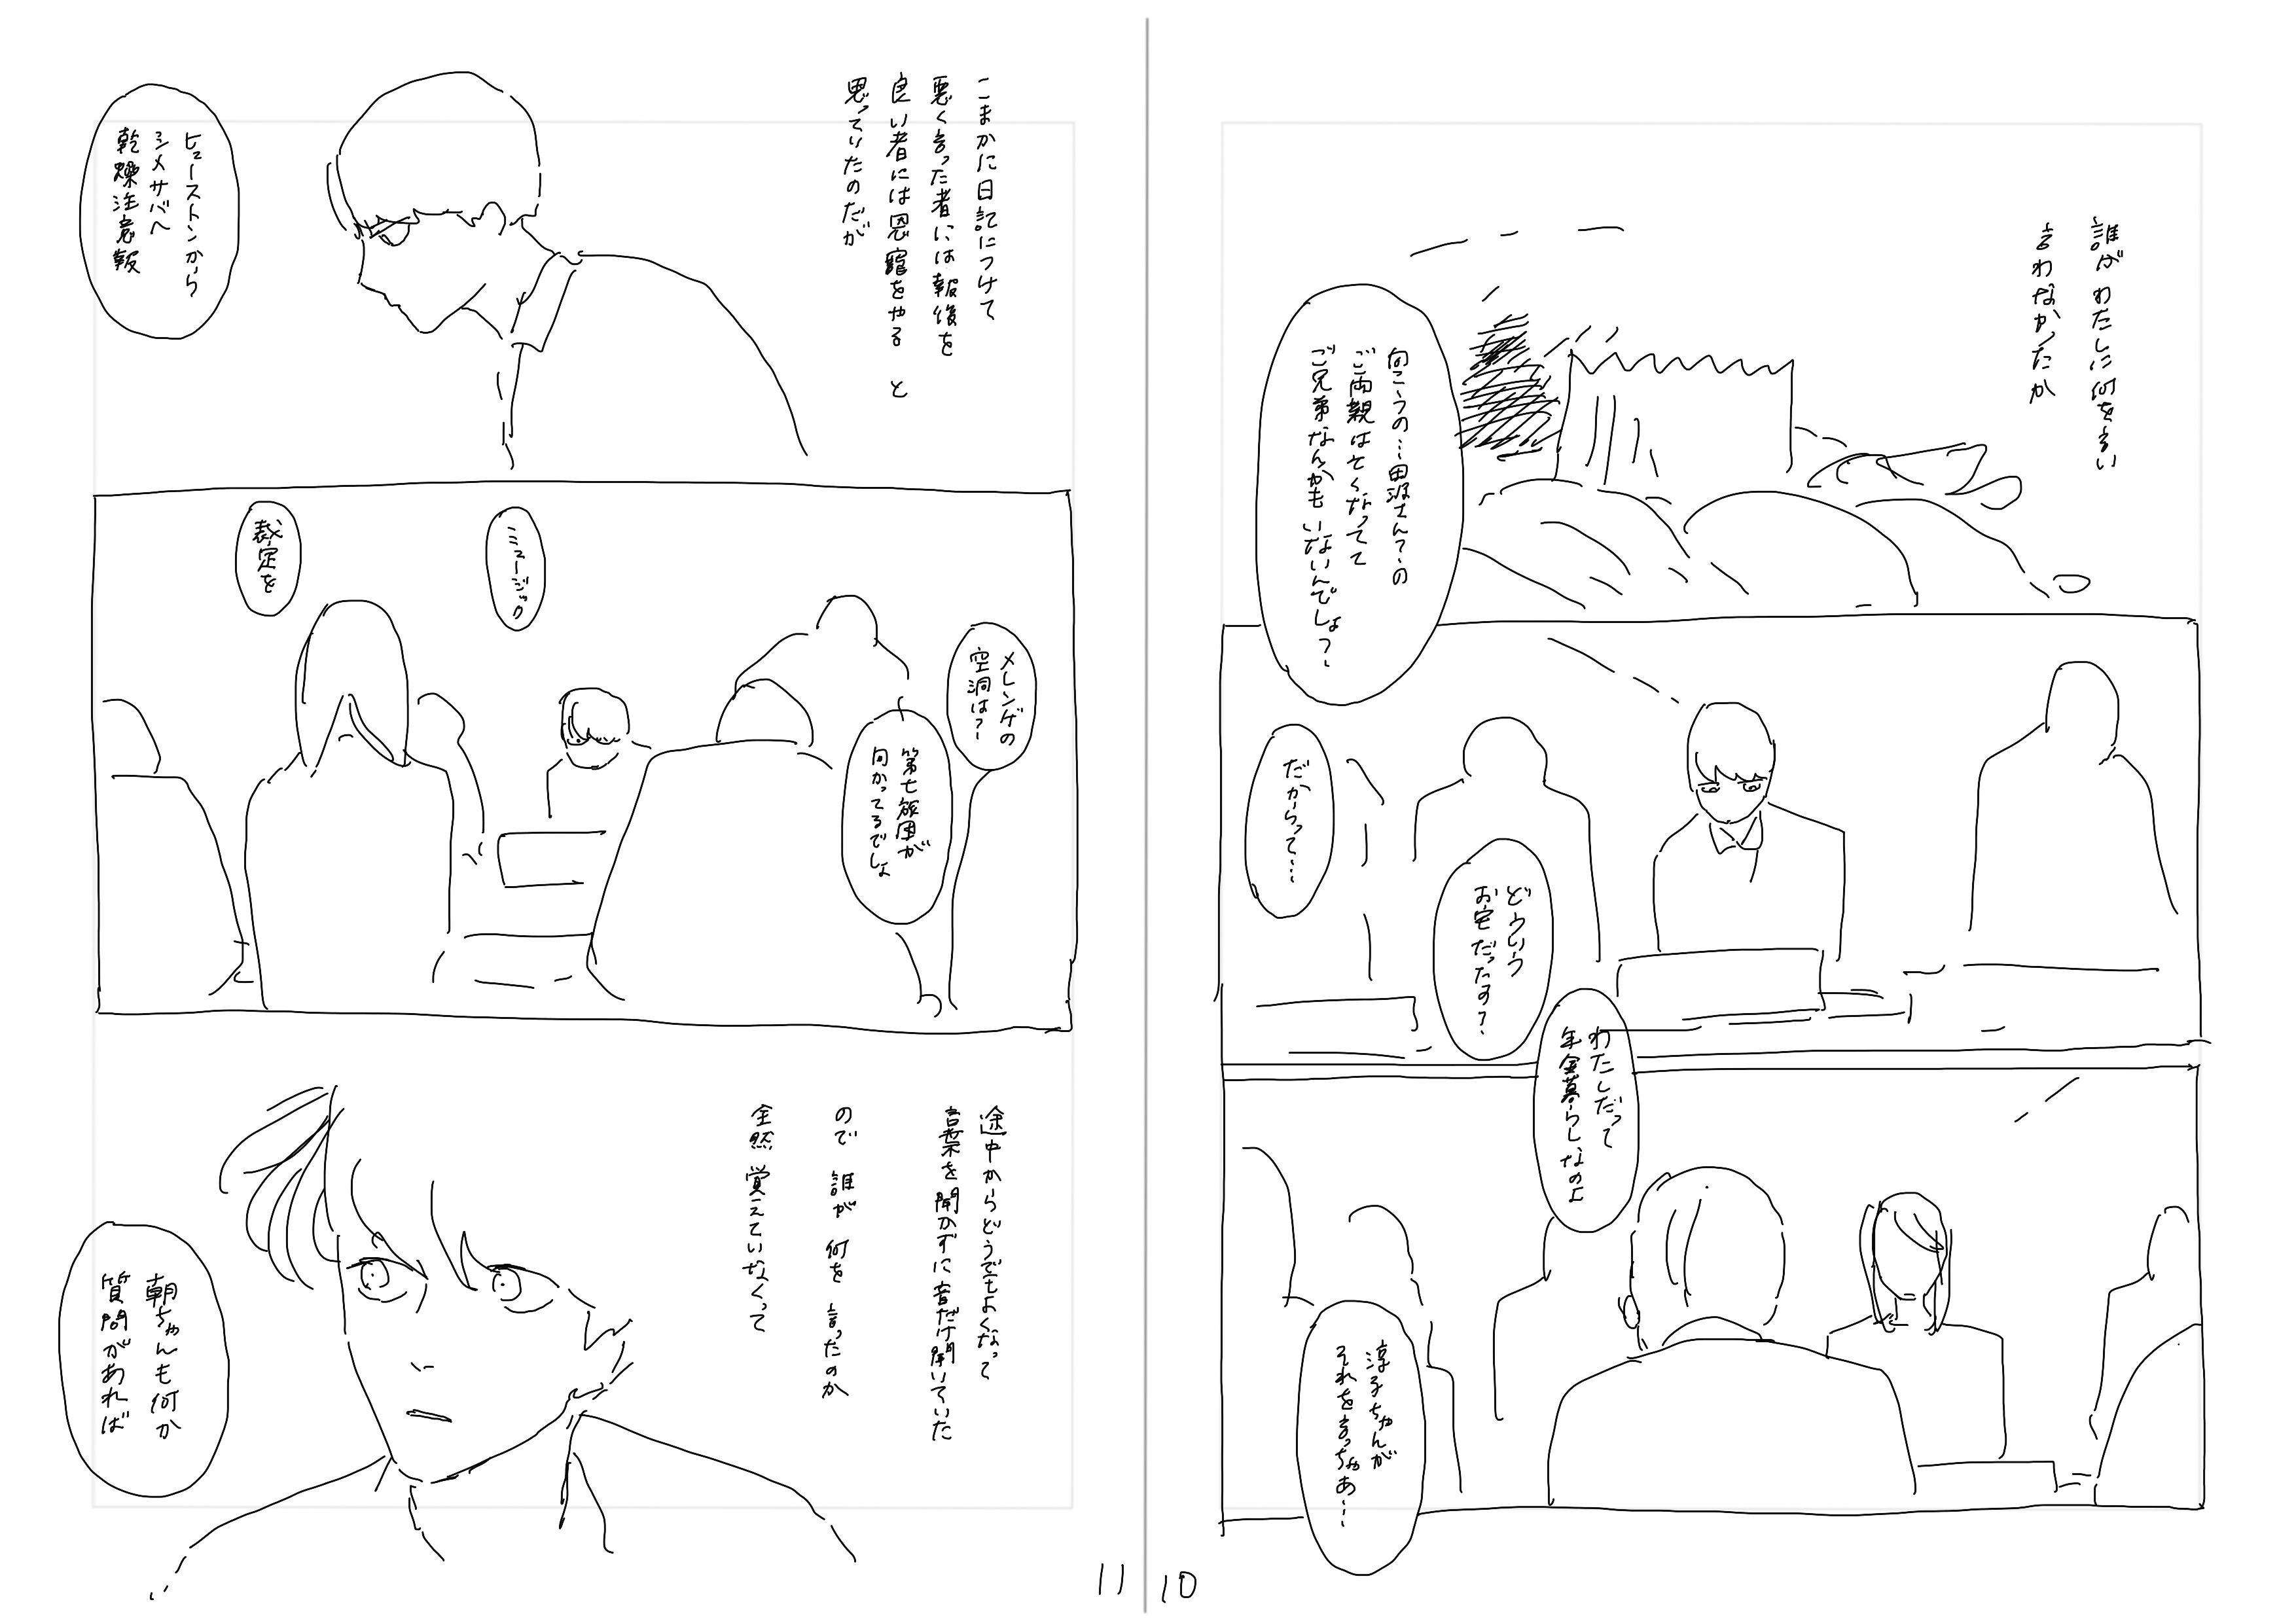 14_ny_2wa_botsu6.png